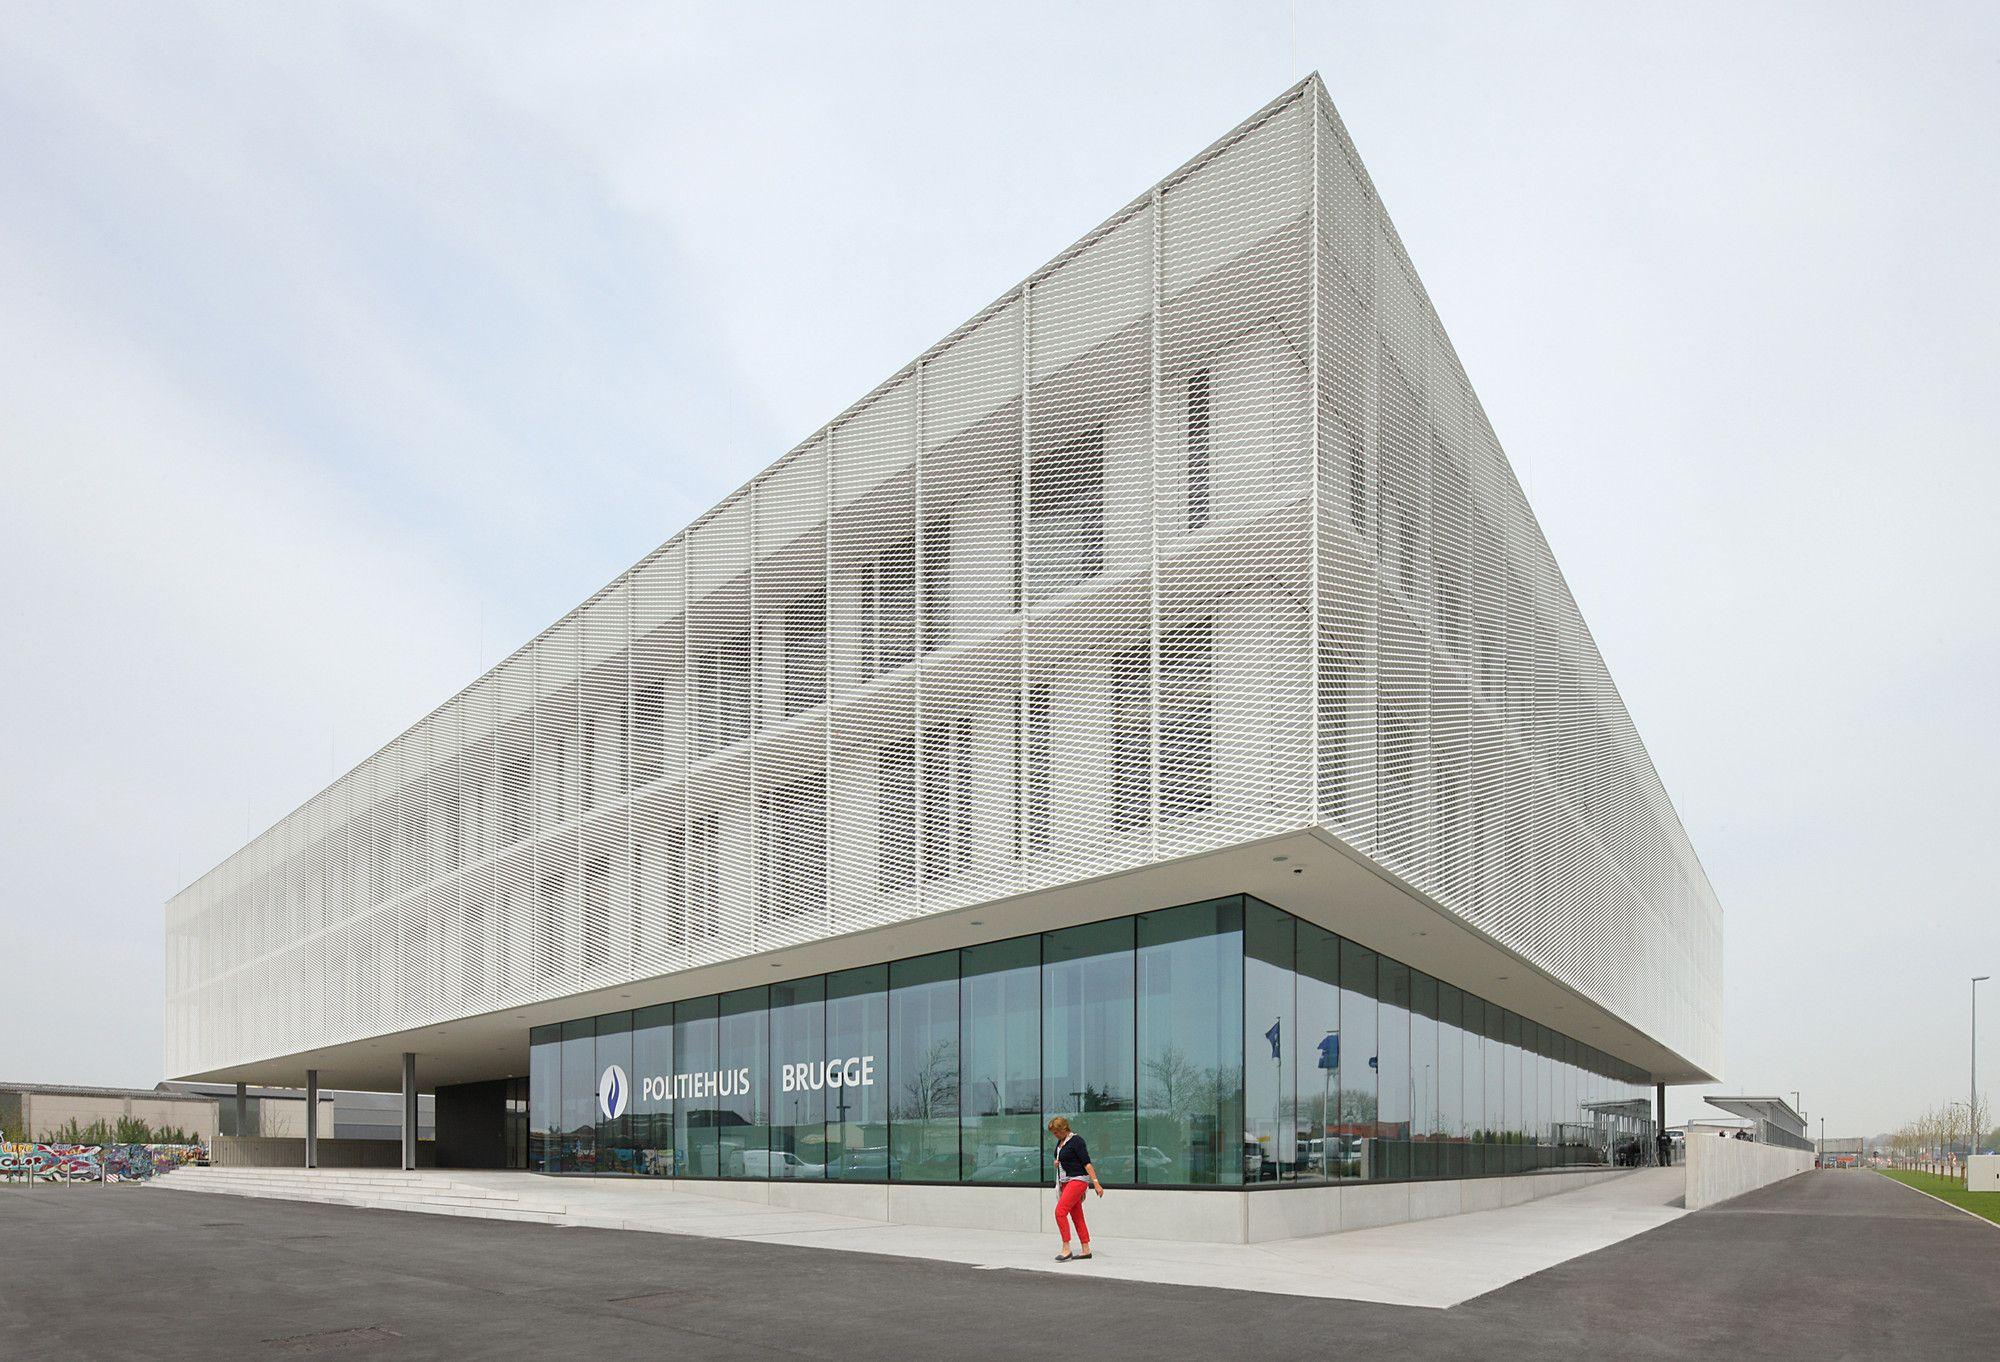 Politiecommissariaat Brugge / Beel & Achtergael Architecten